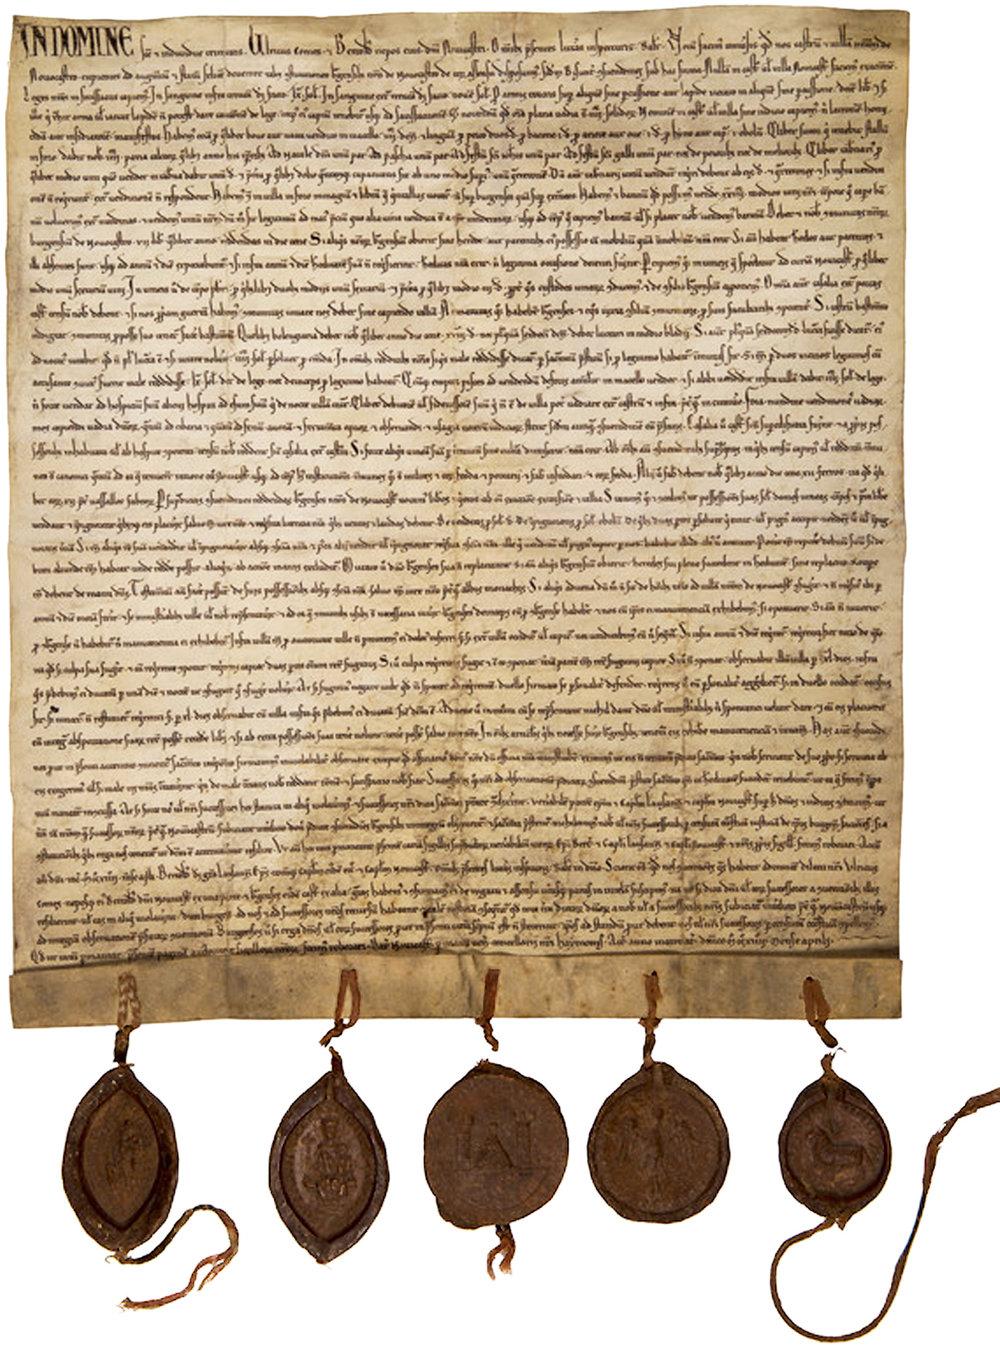 Charte de franchises de Neuchâtel rédigée en avril 1214 par Ulrich et Berthold de Neuchâtel